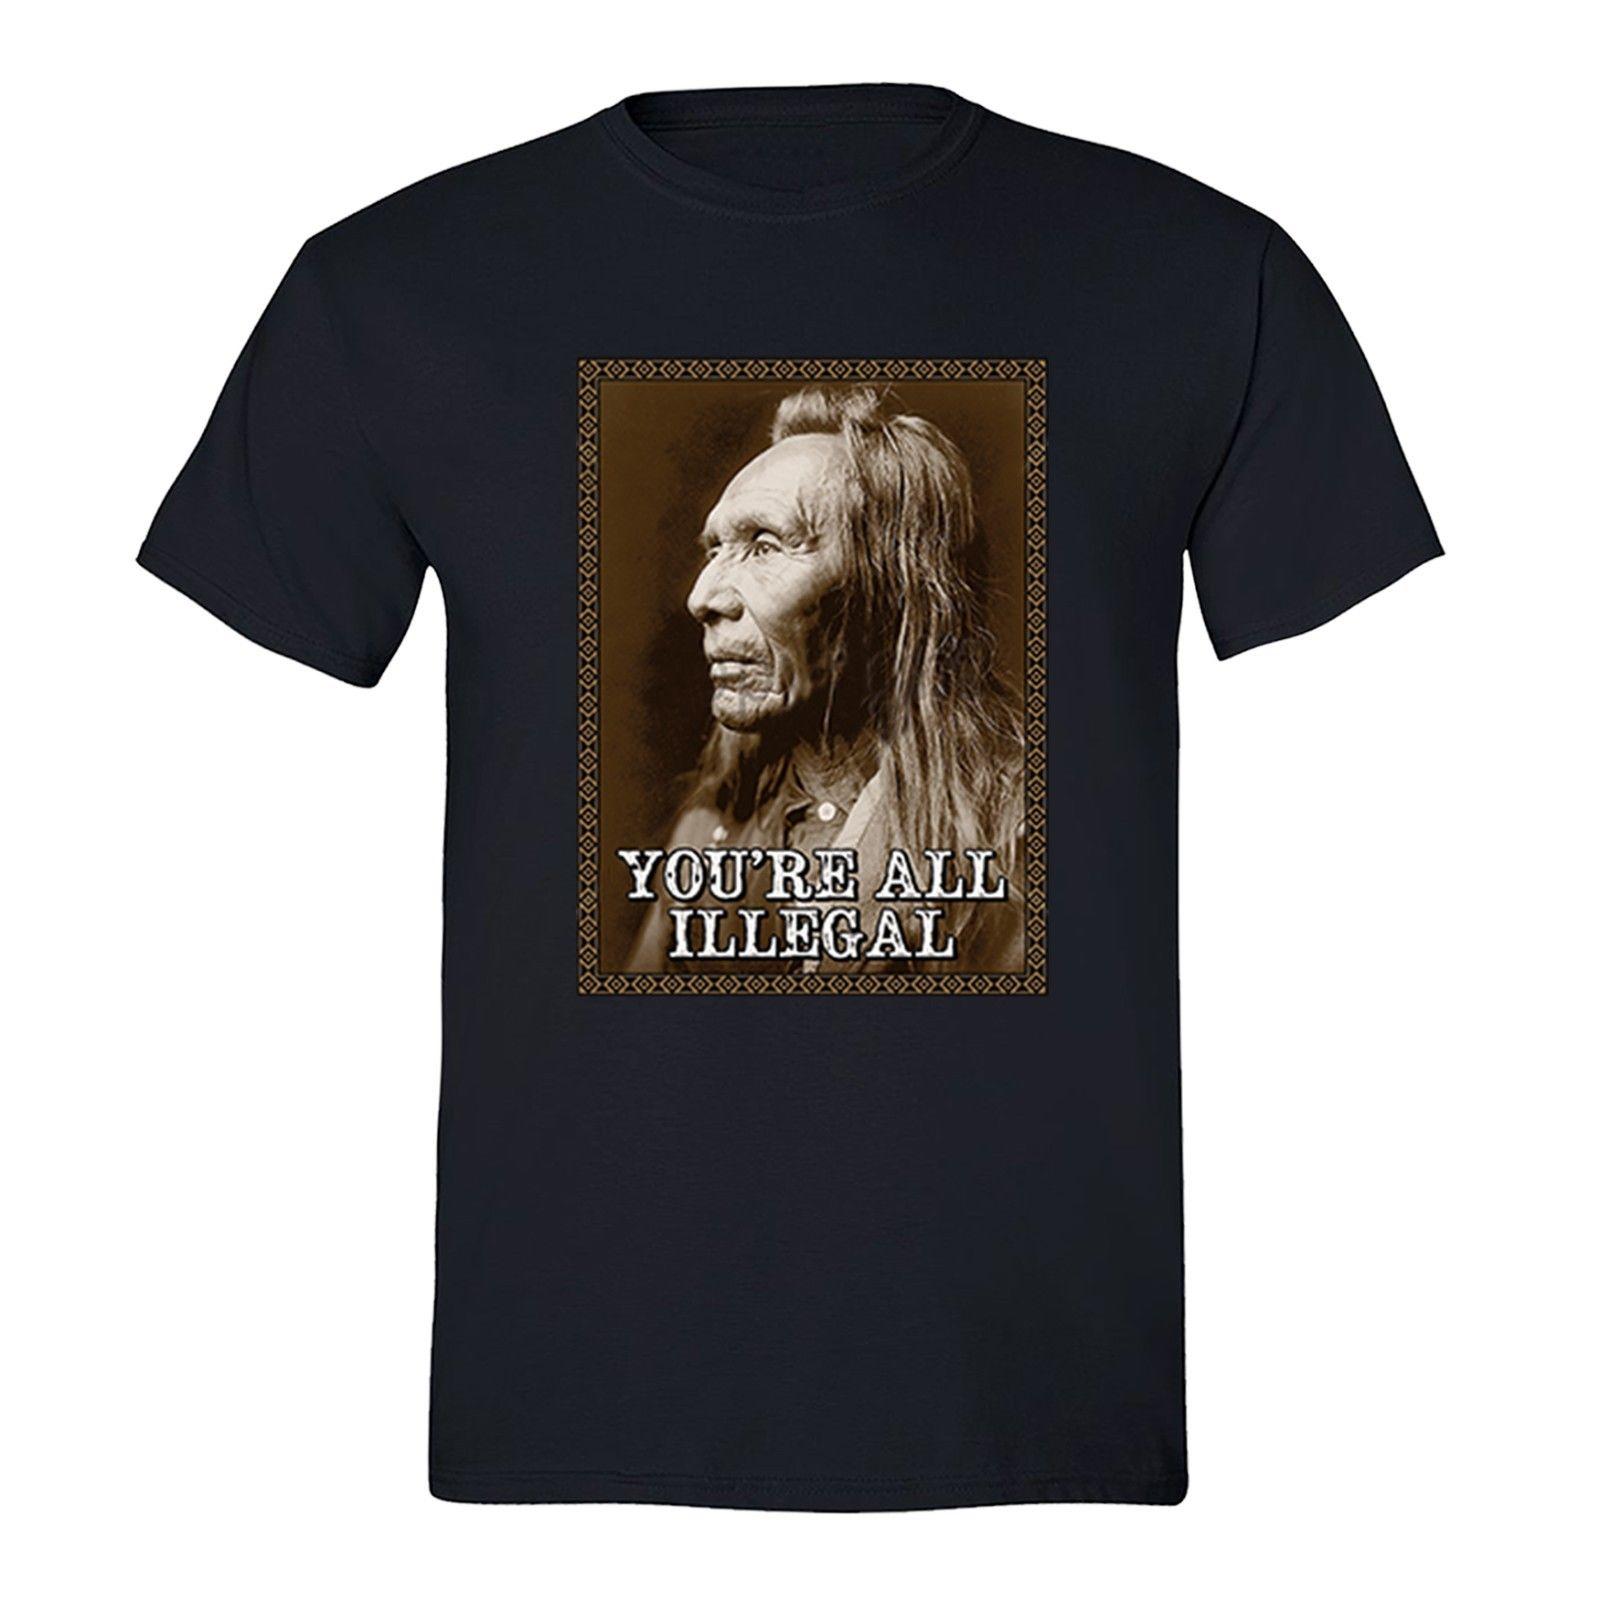 Ilegal en la lucha contra el terrorismo camiseta Nativo Americano bandera EE. UU Indian camiseta